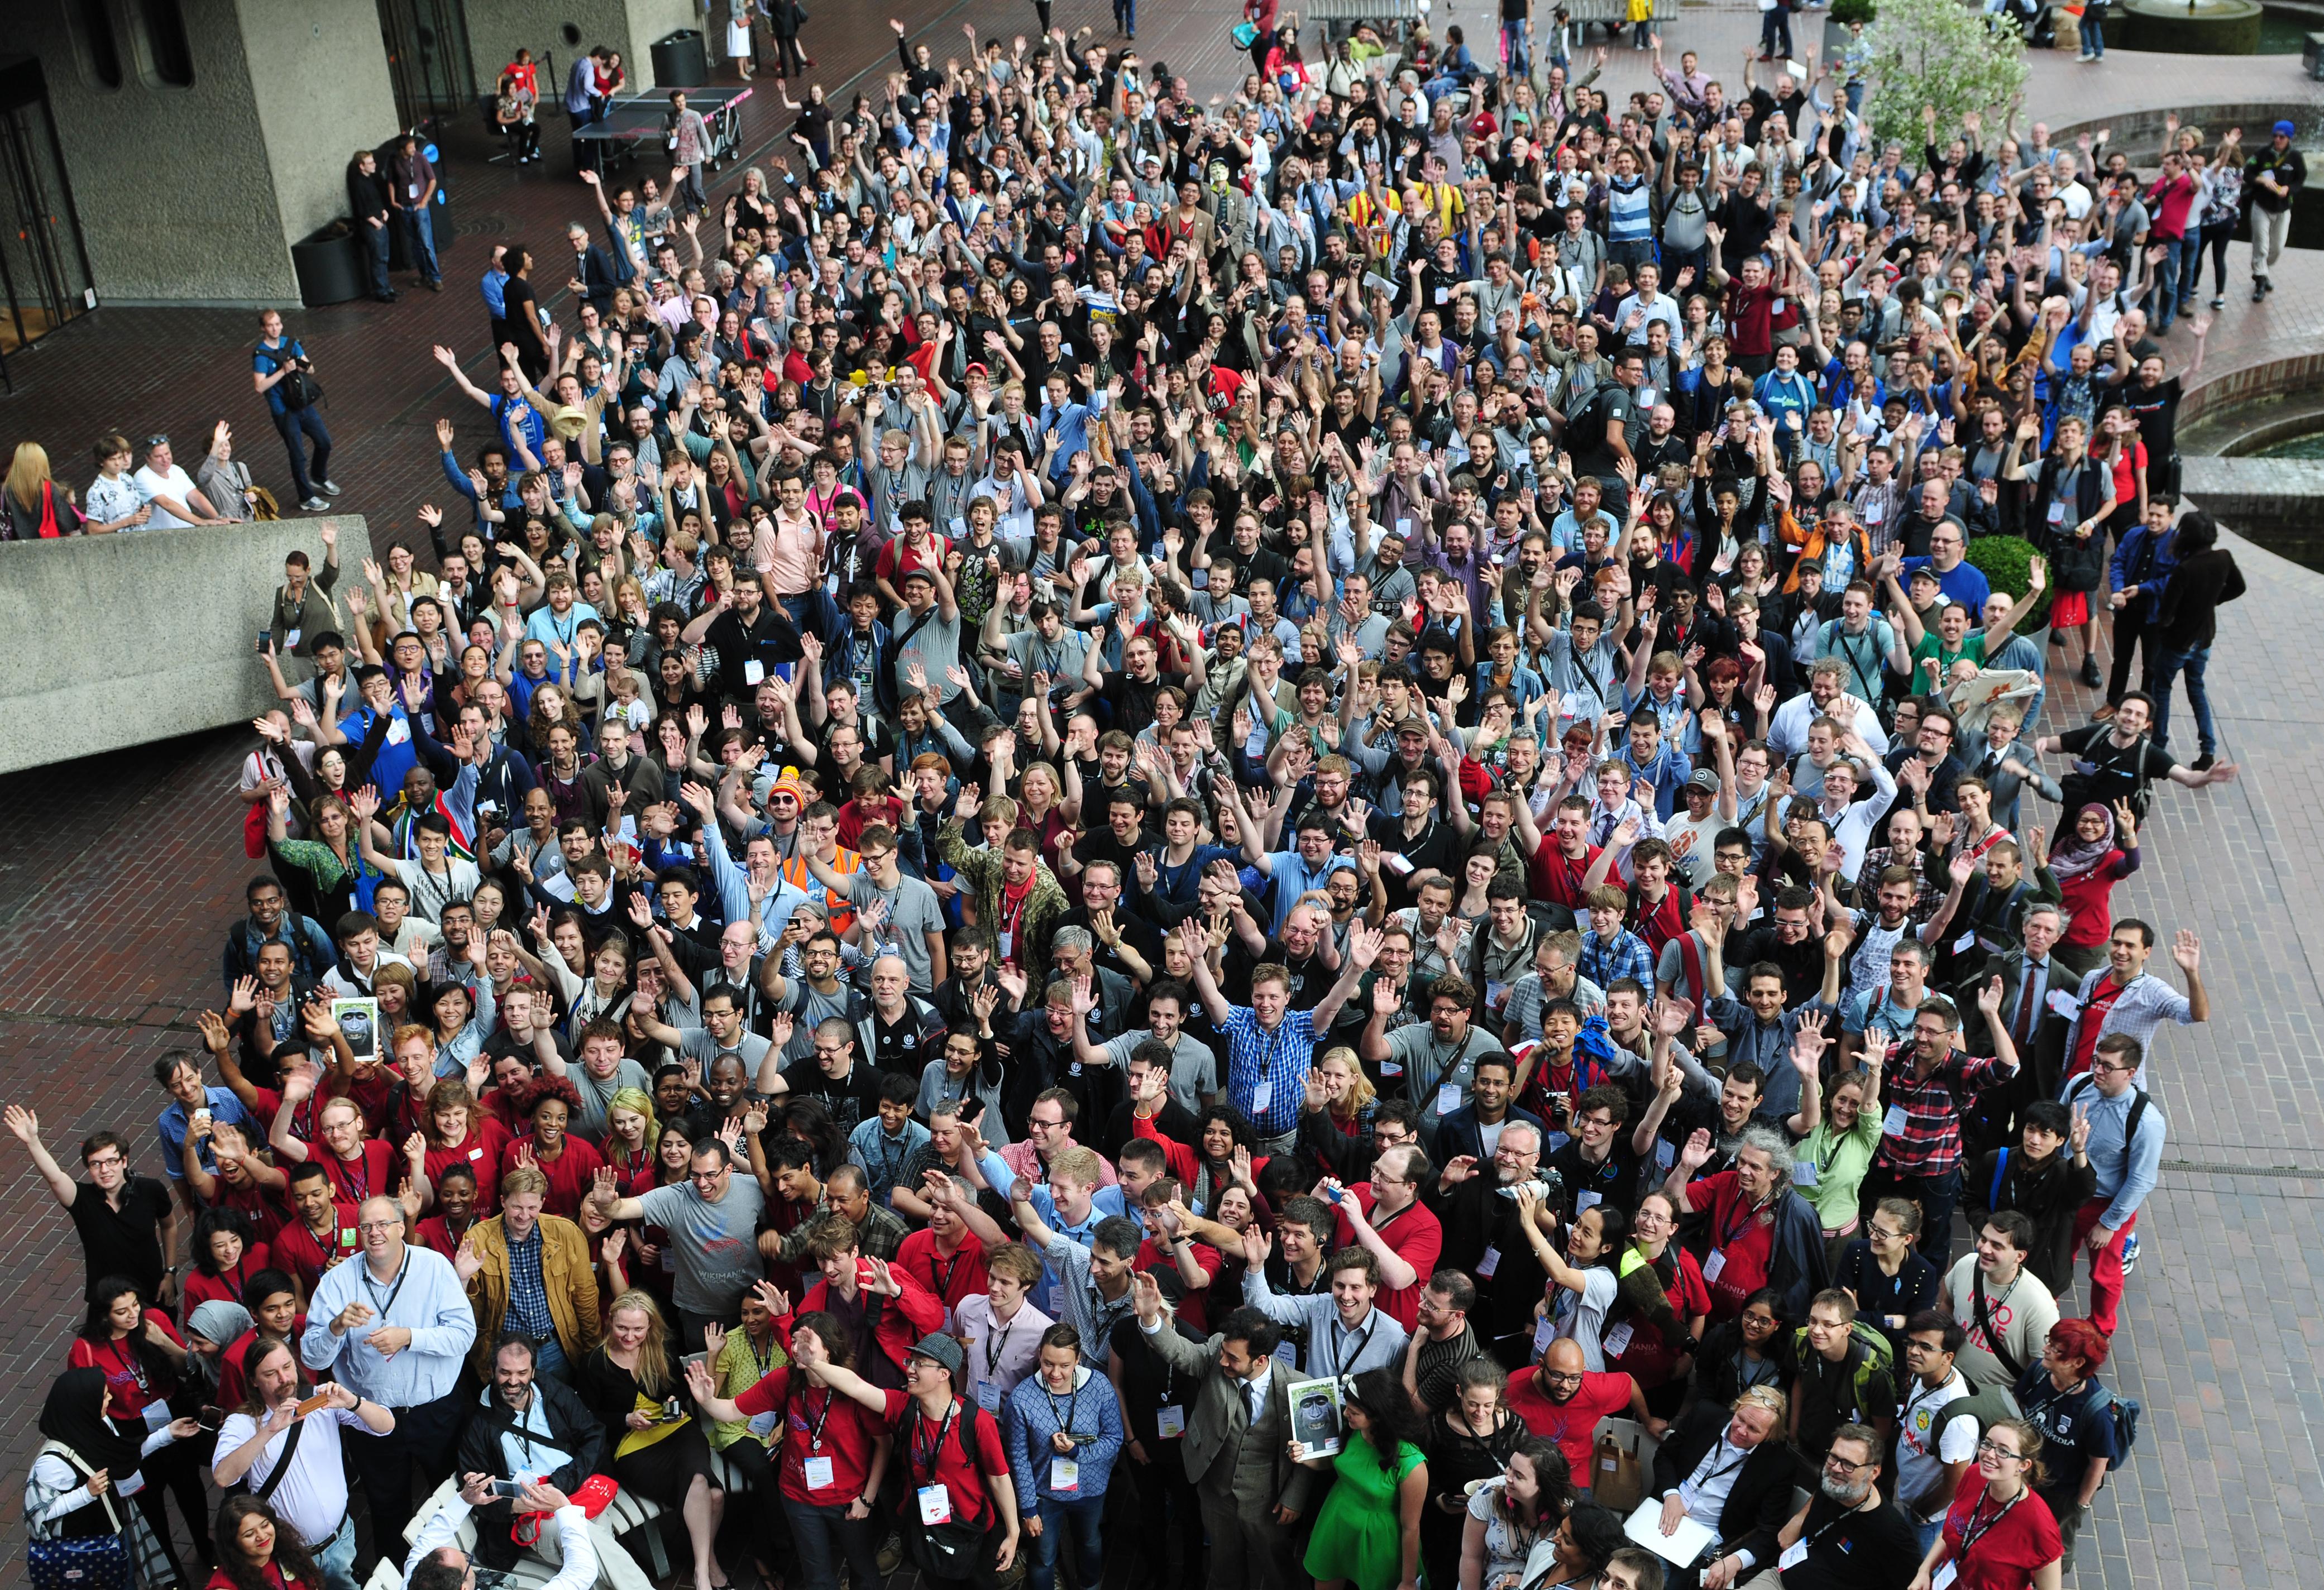 Några av de som besökte Wikimania 2014.